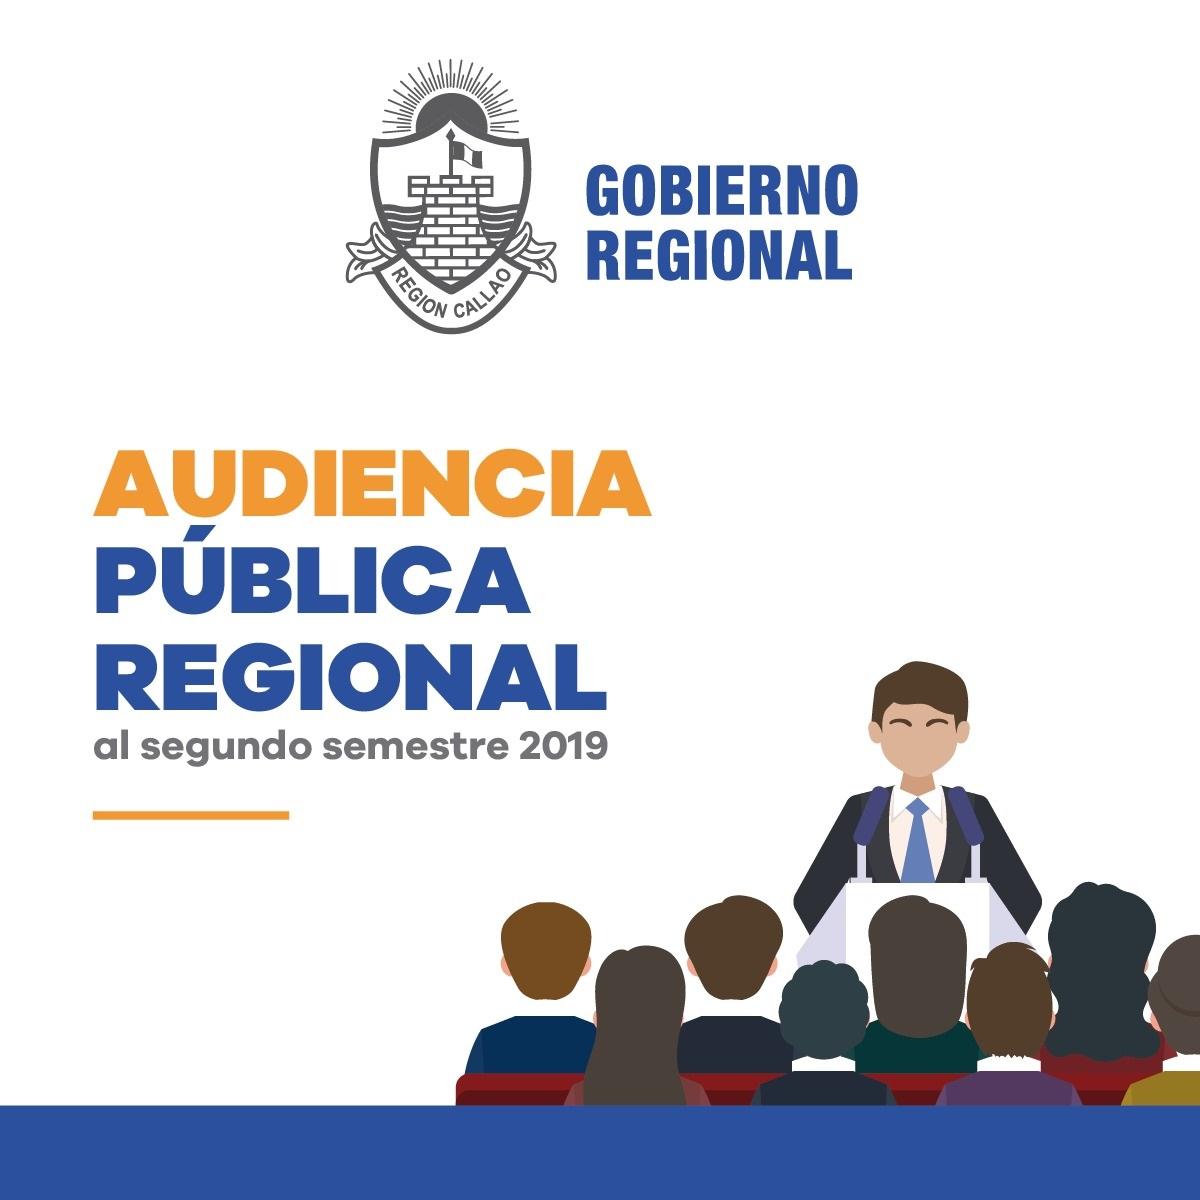 AUDIENCIA PÚBLICA REGIONAL AL SEGUNDO SEMESTRE 2019